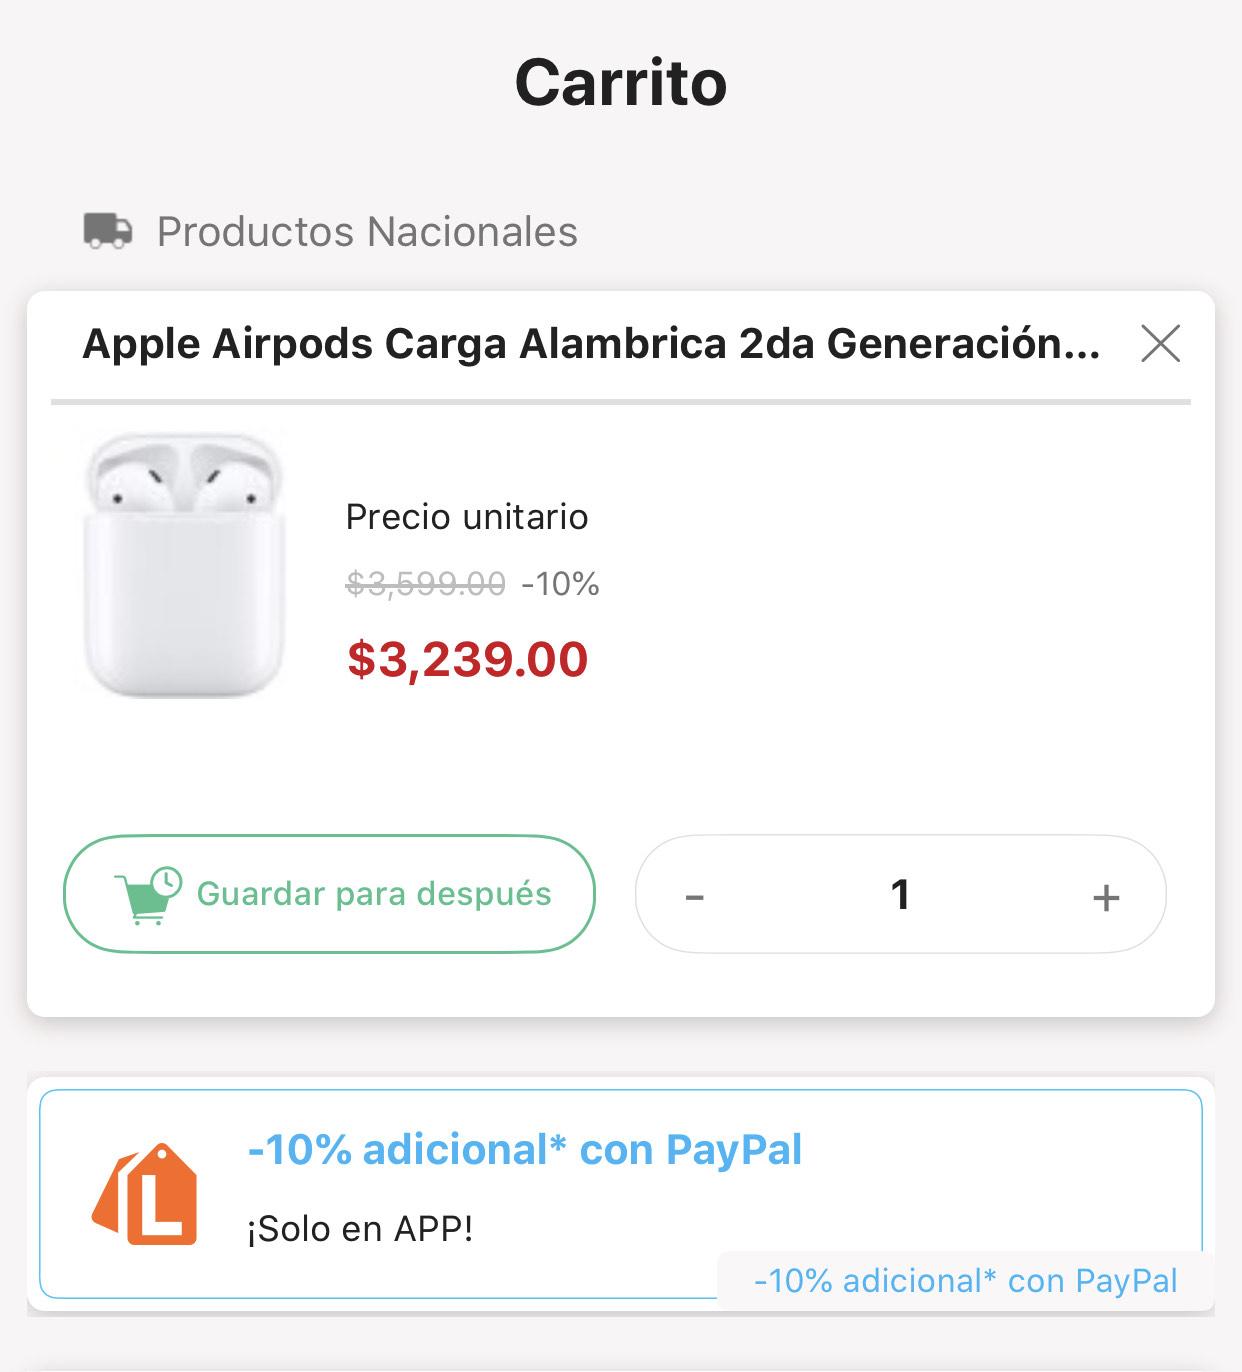 Linio App: Apple Airpods Carga Alambrica 2da Generación